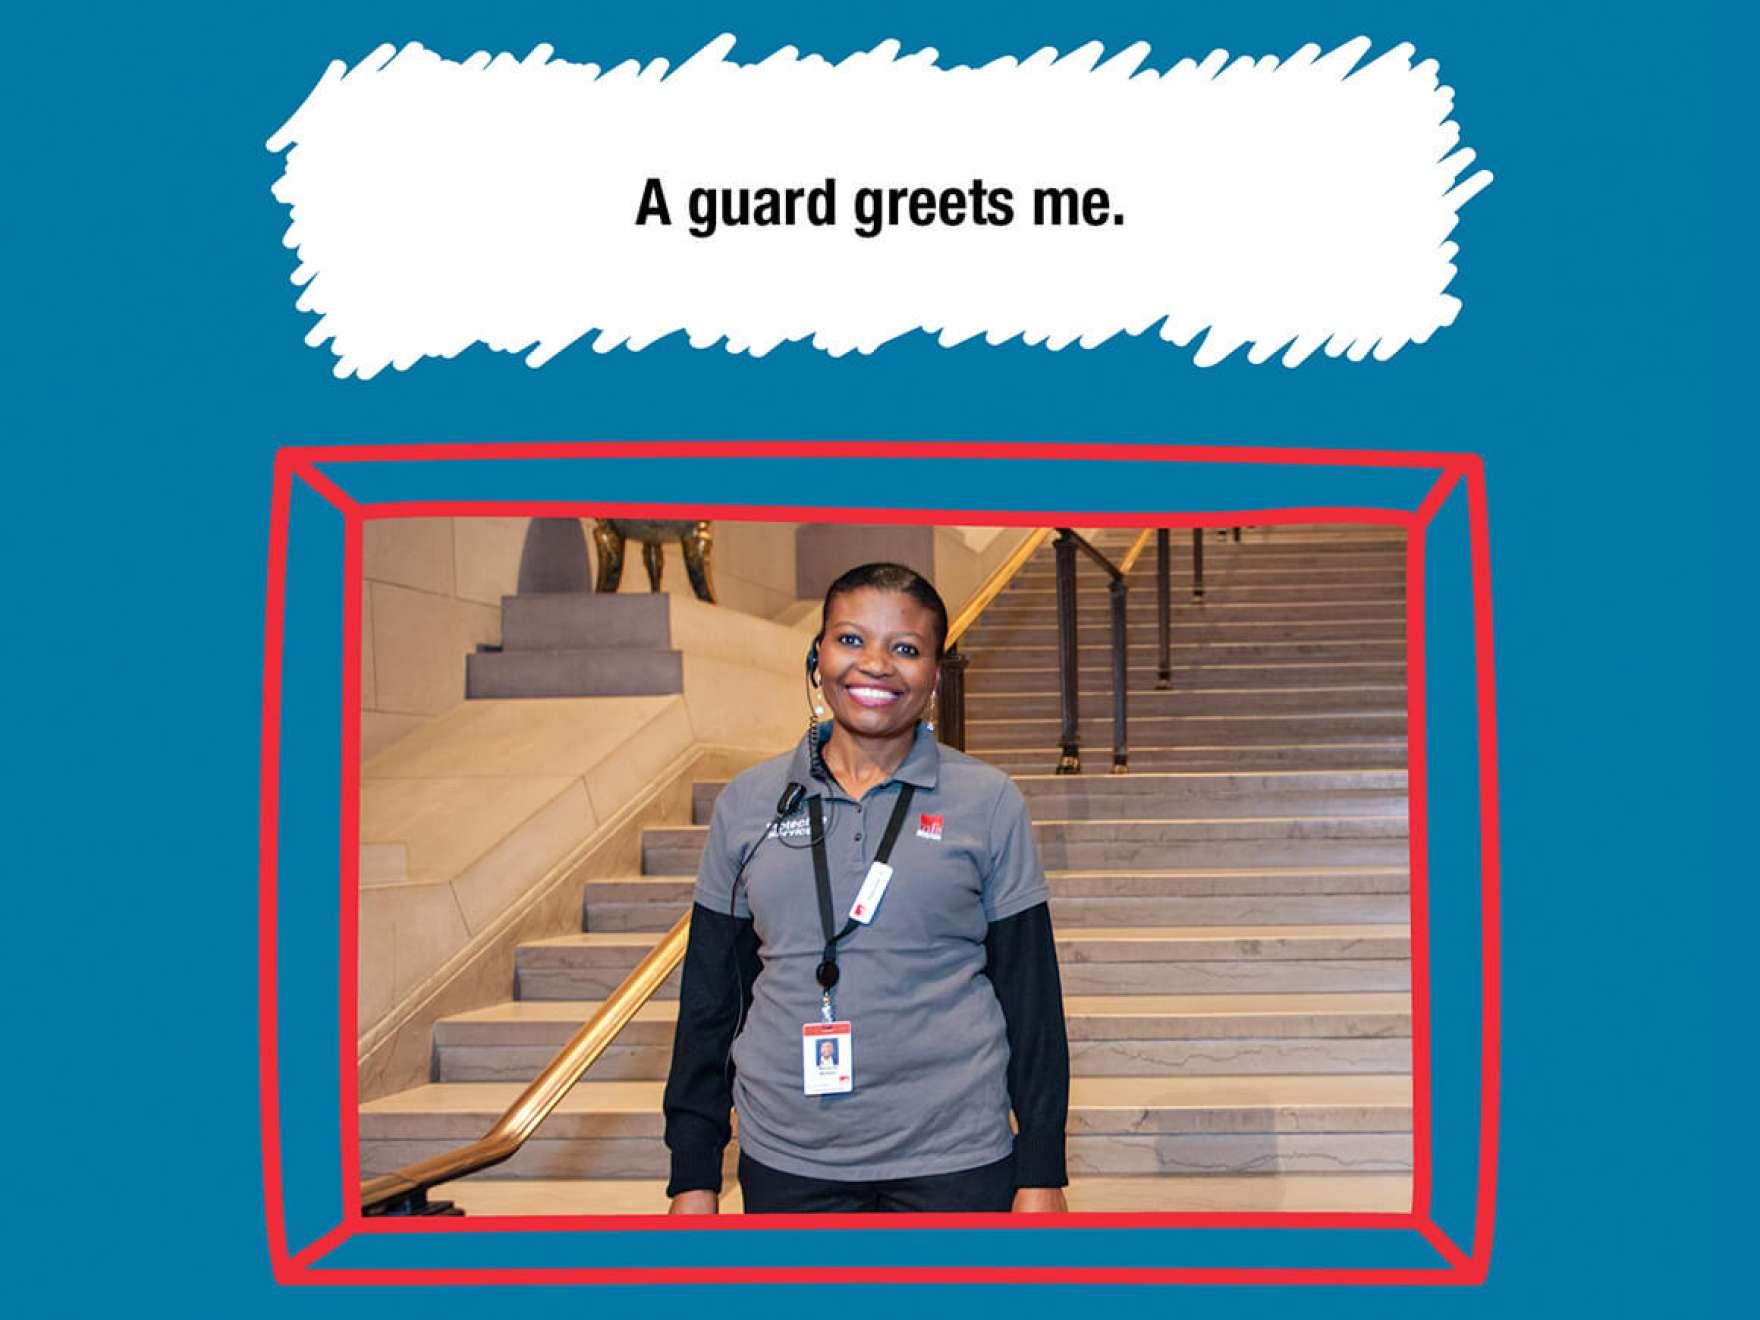 A guard greets me.